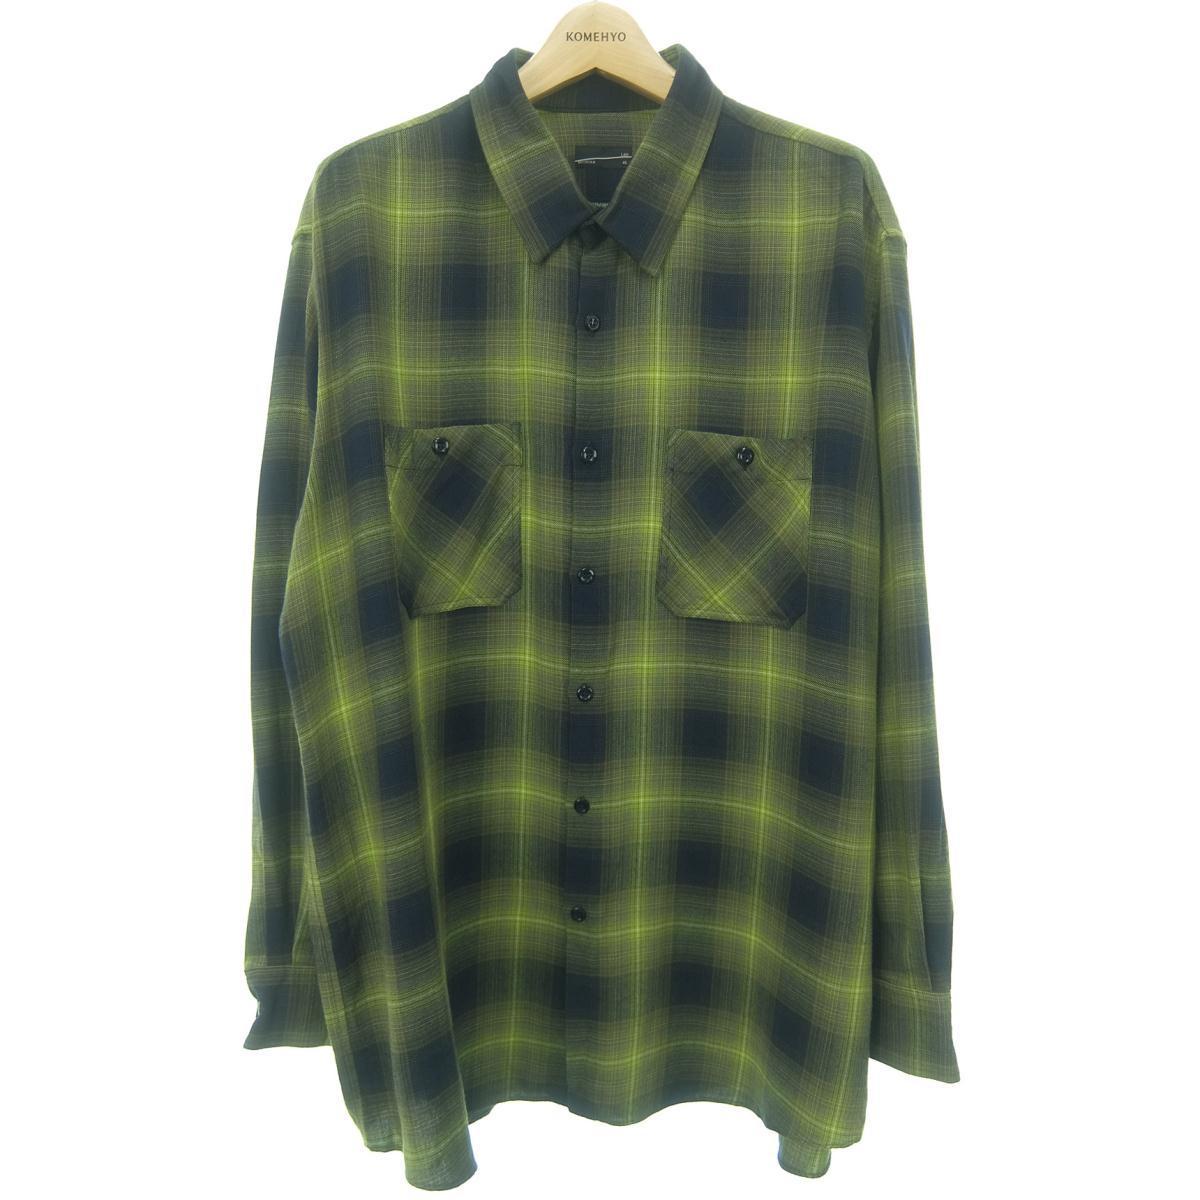 ラッドミュージシャン LAD MUSICIAN シャツ【中古】